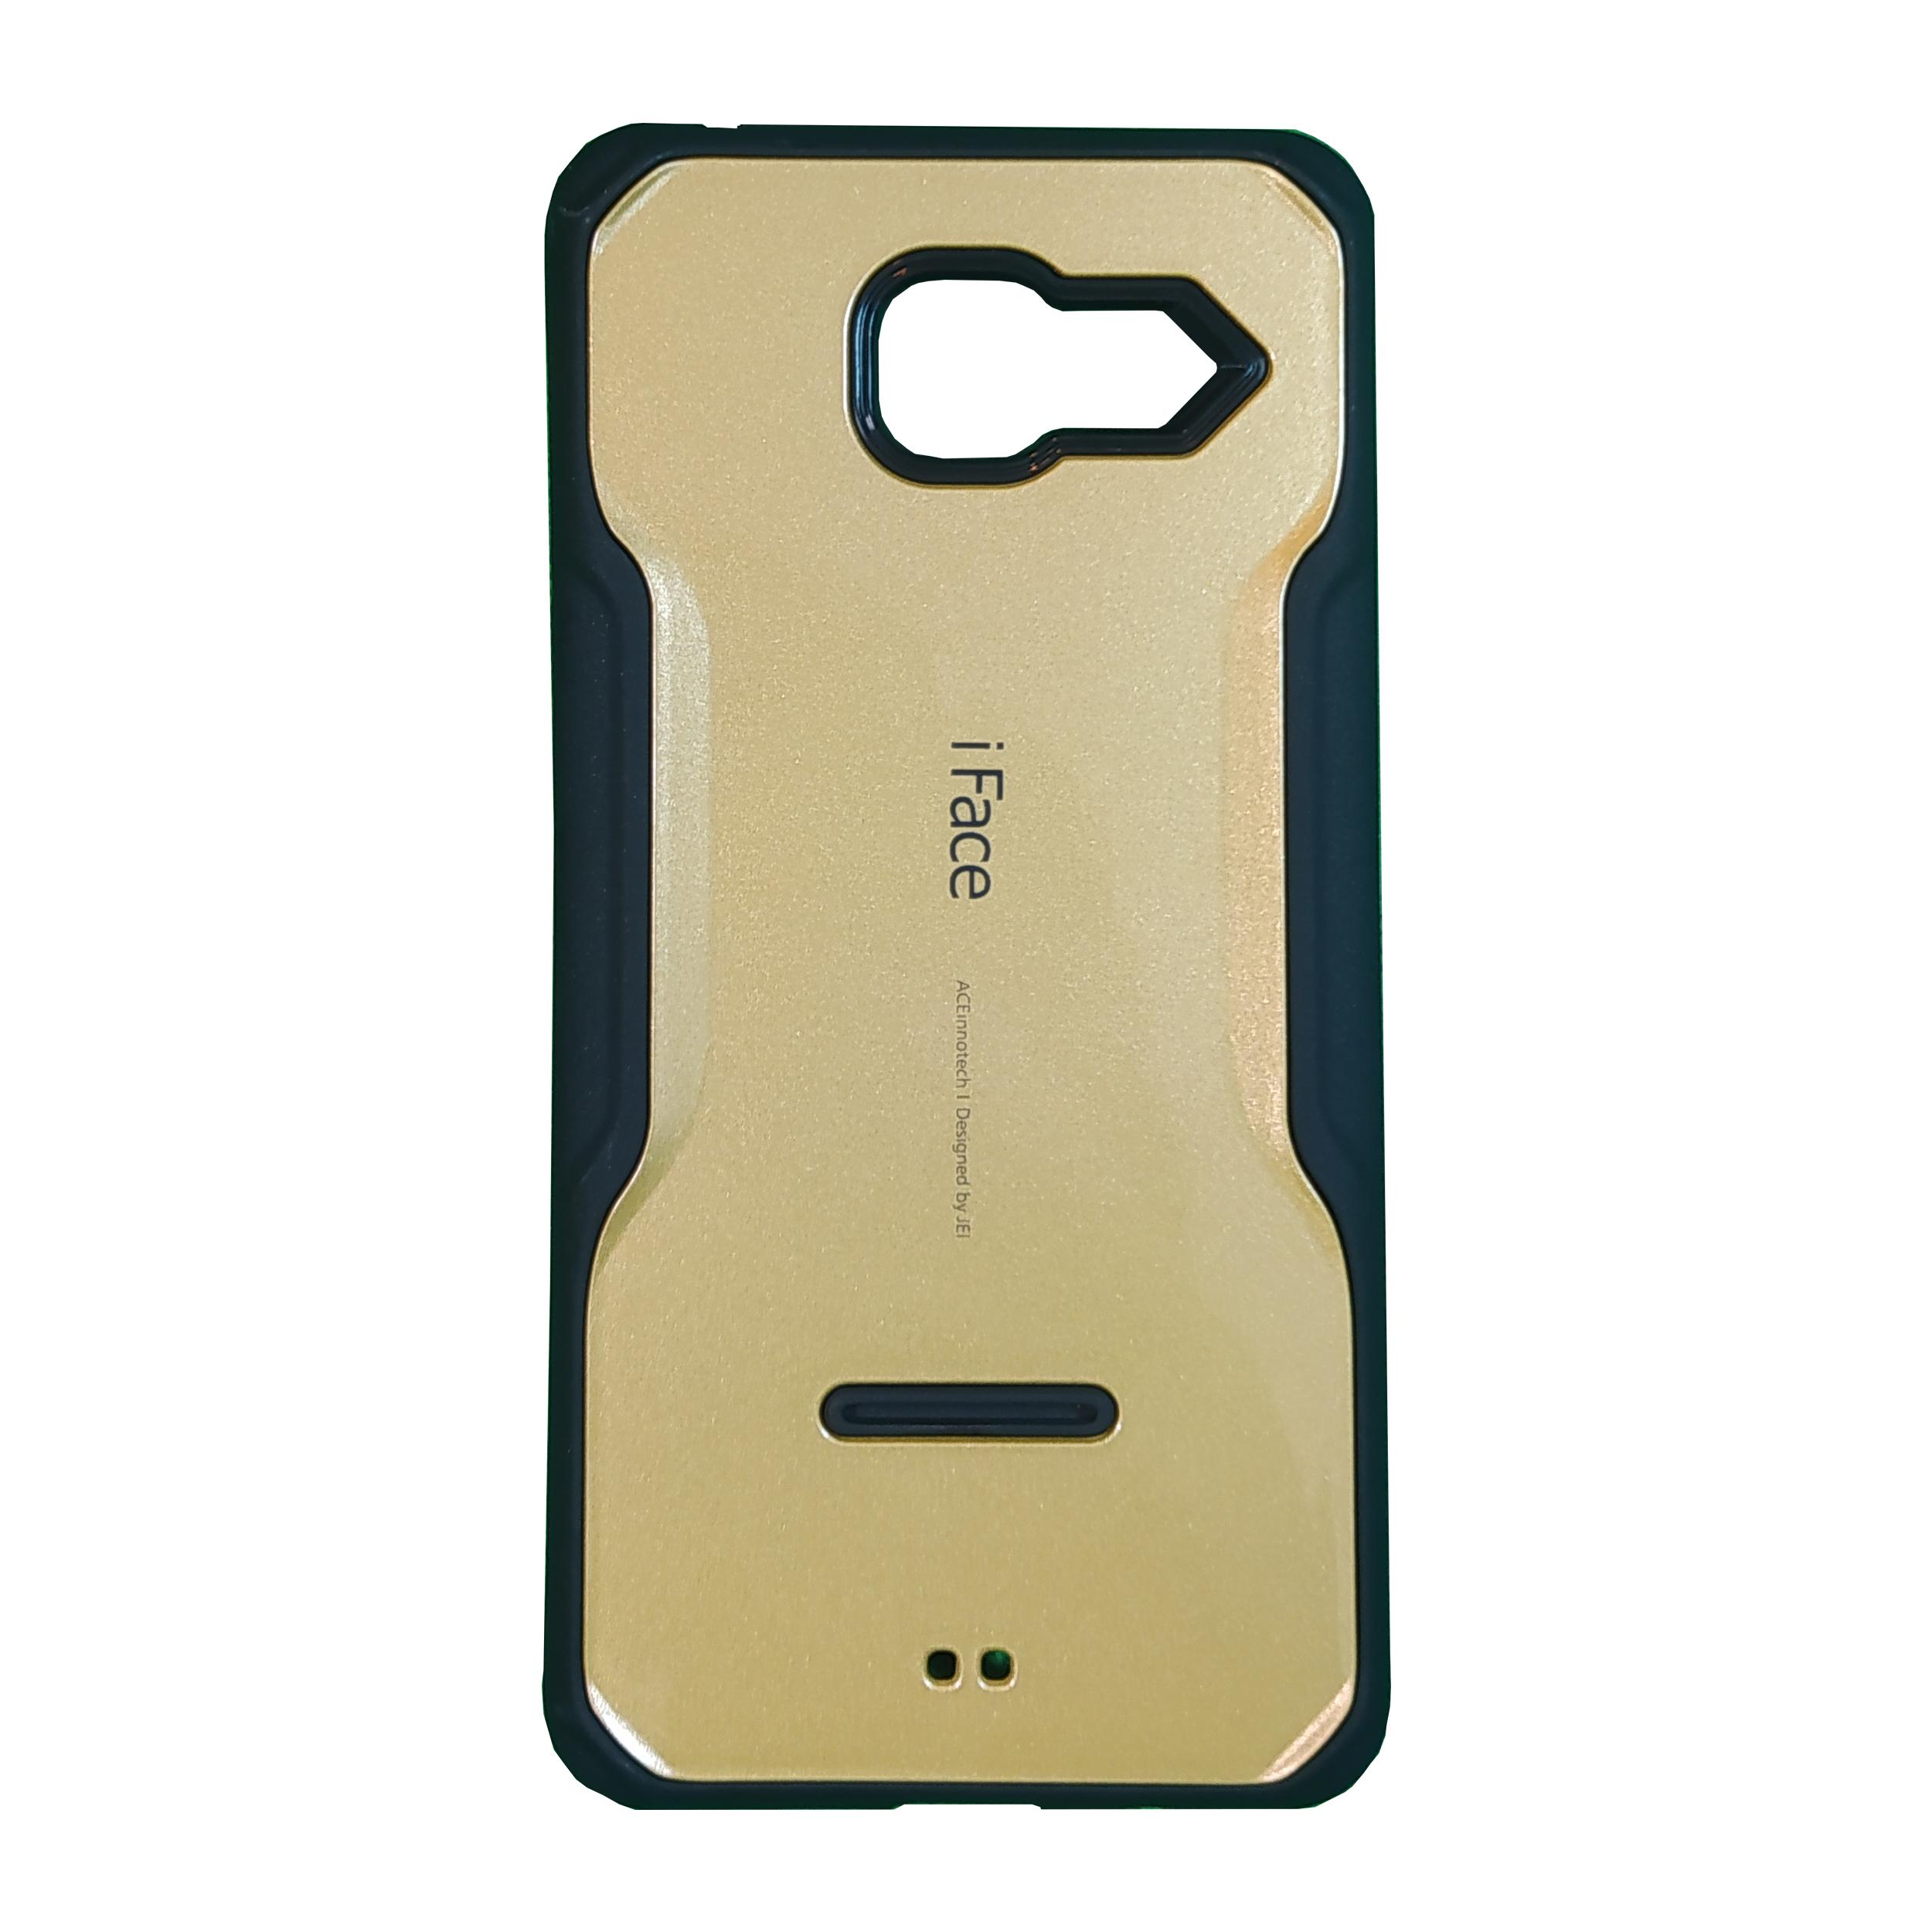 کاور آی فیس مدل mall مناسب برای گوشی موبایل سامسونگ Galaxy A310 / A3 2016